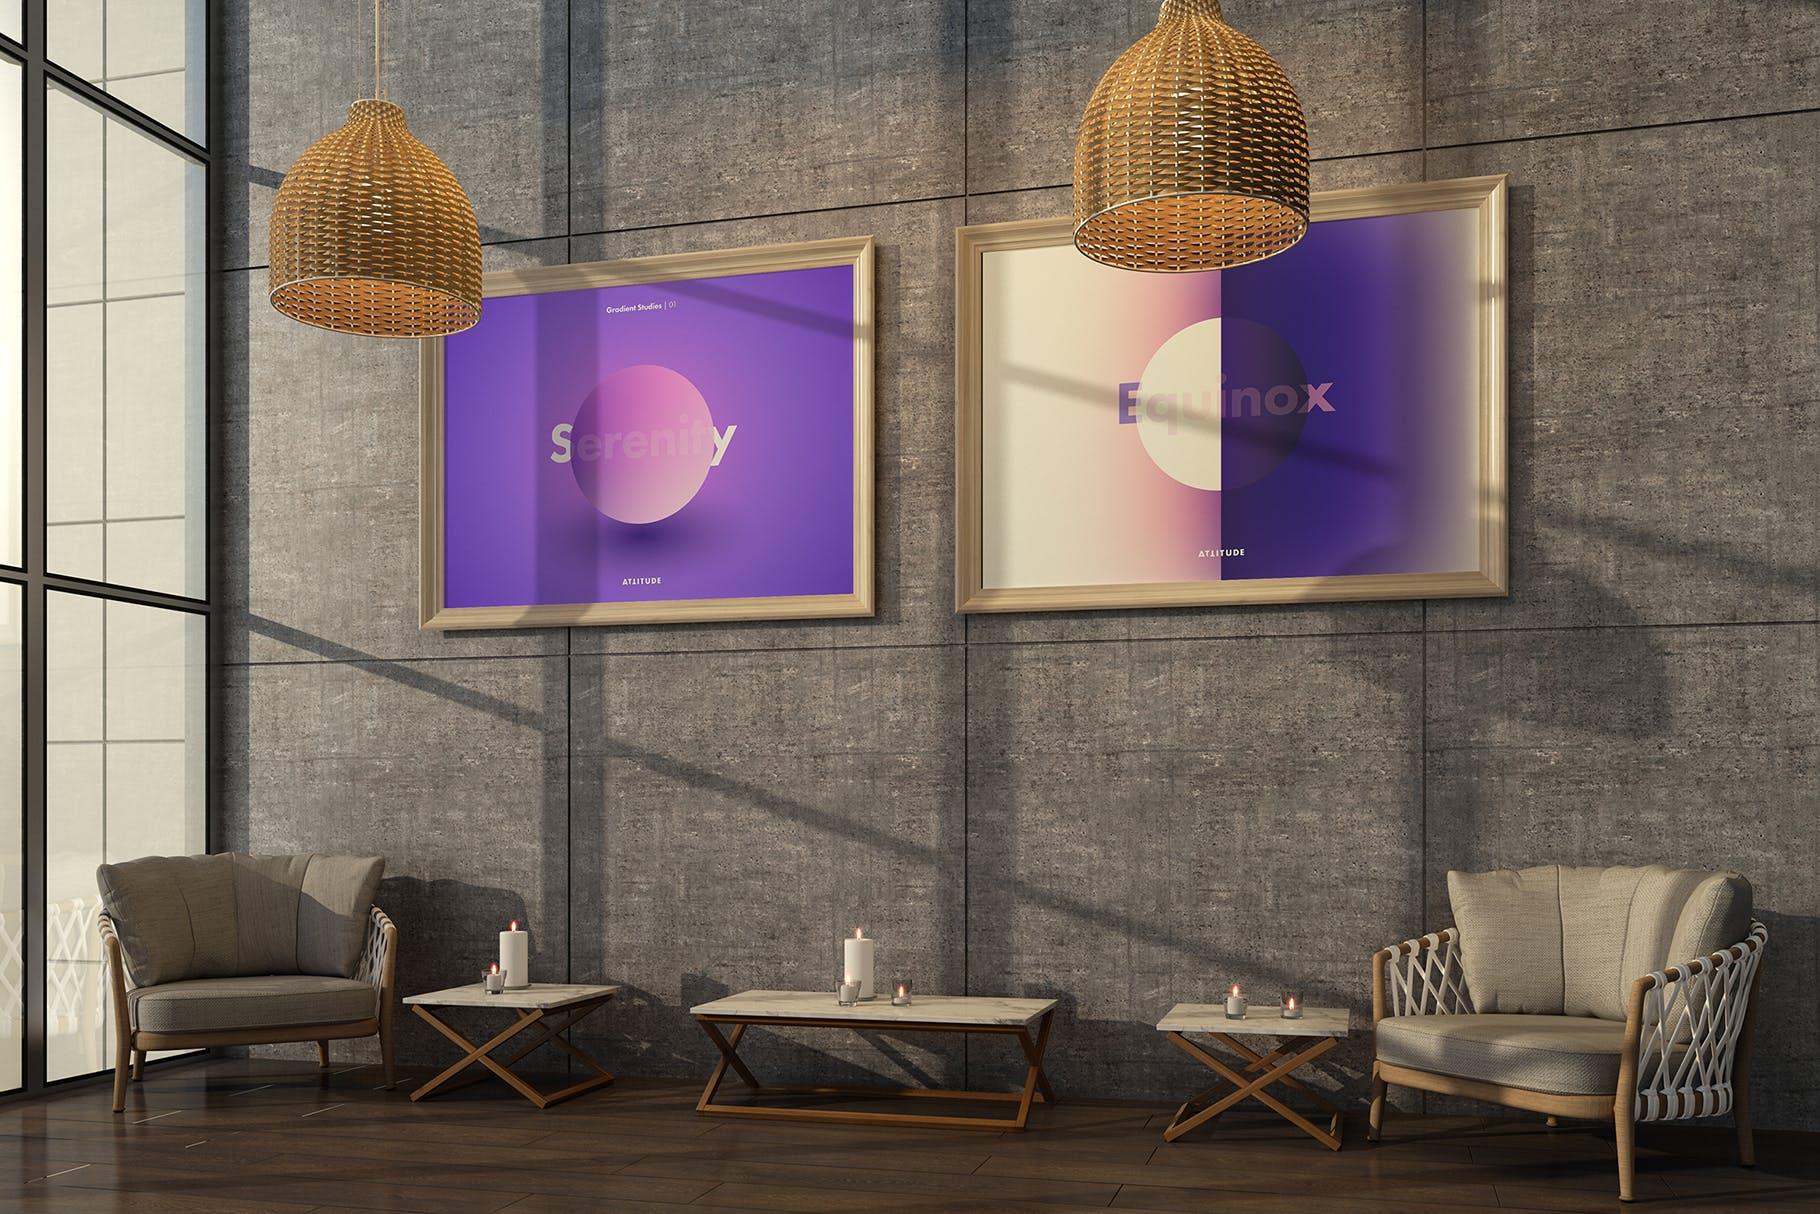 室内走廊相片艺术品海报样机模板 Gallery Mockup 3插图(3)